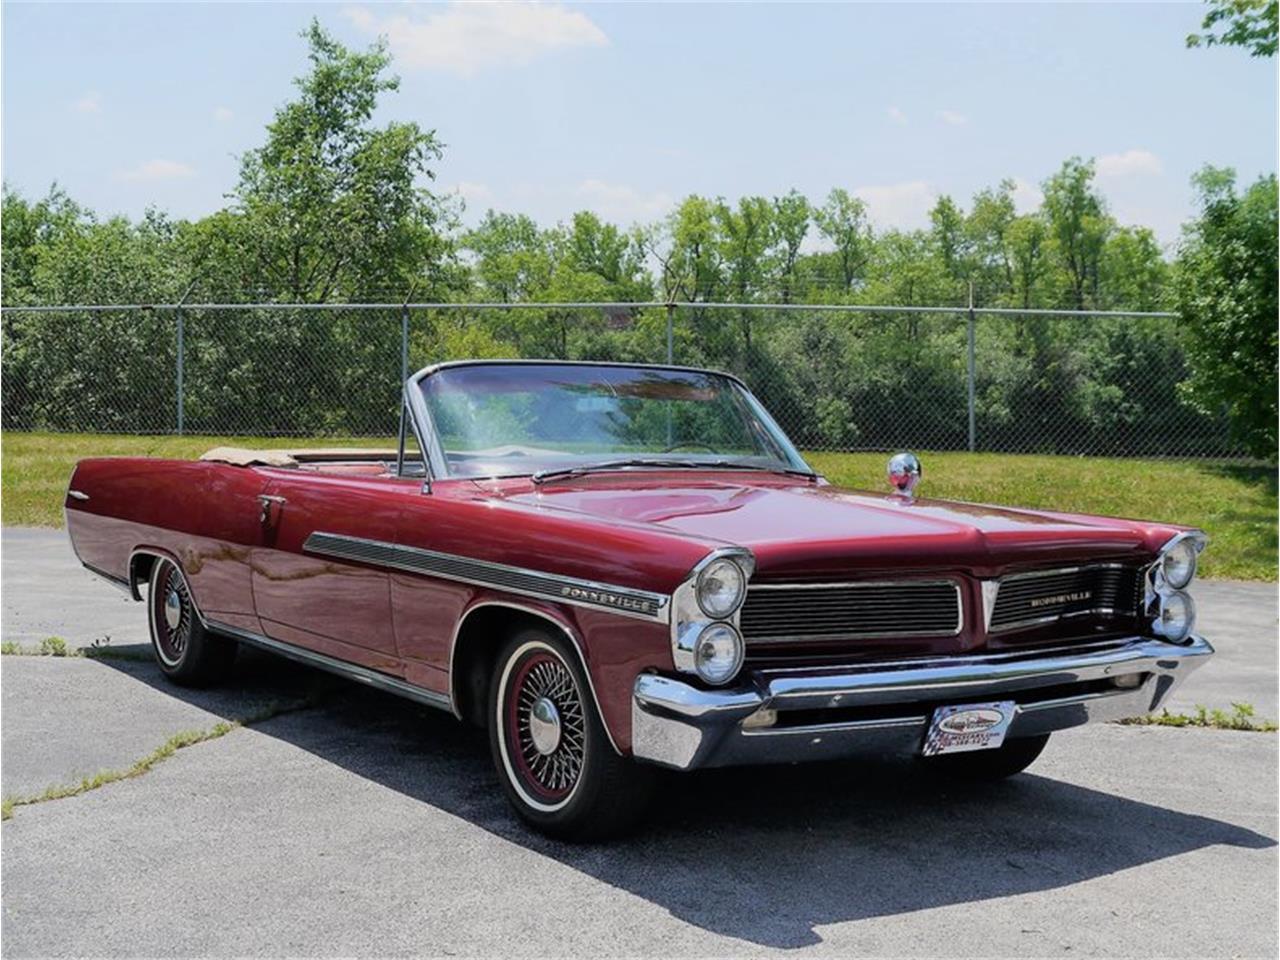 Large Picture of '63 Pontiac Bonneville - $29,900.00 - LAZG